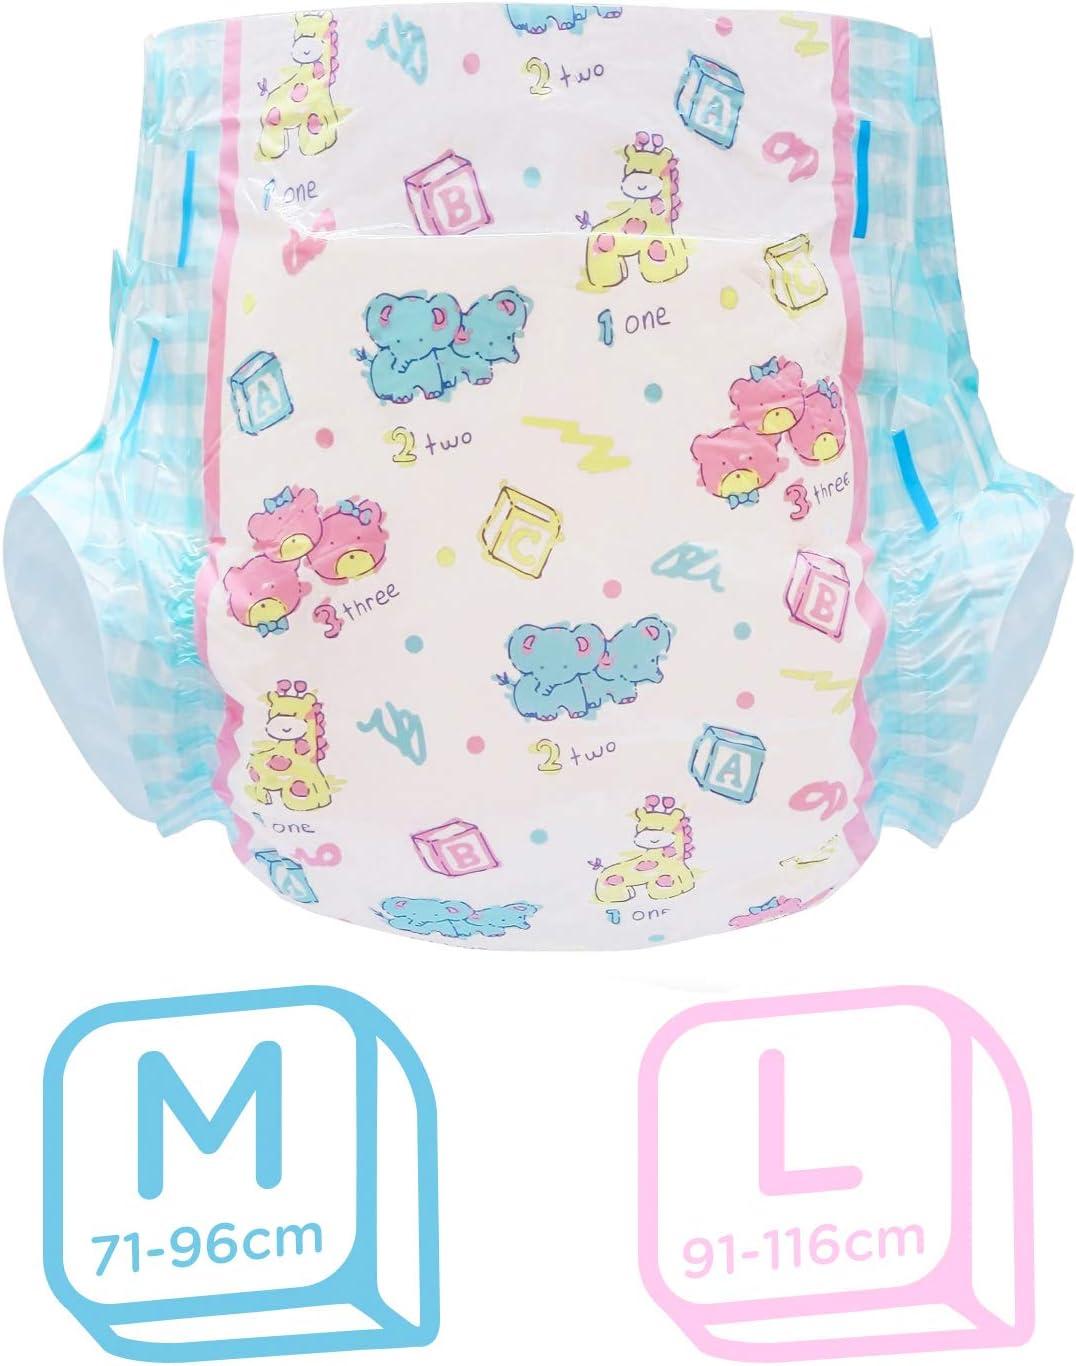 LittleForBig gedruckt Erwachsenen Slip Windeln Erwachsene Baby Windel Liebhaber ABDL 2 St/ück-Baby Cuties M